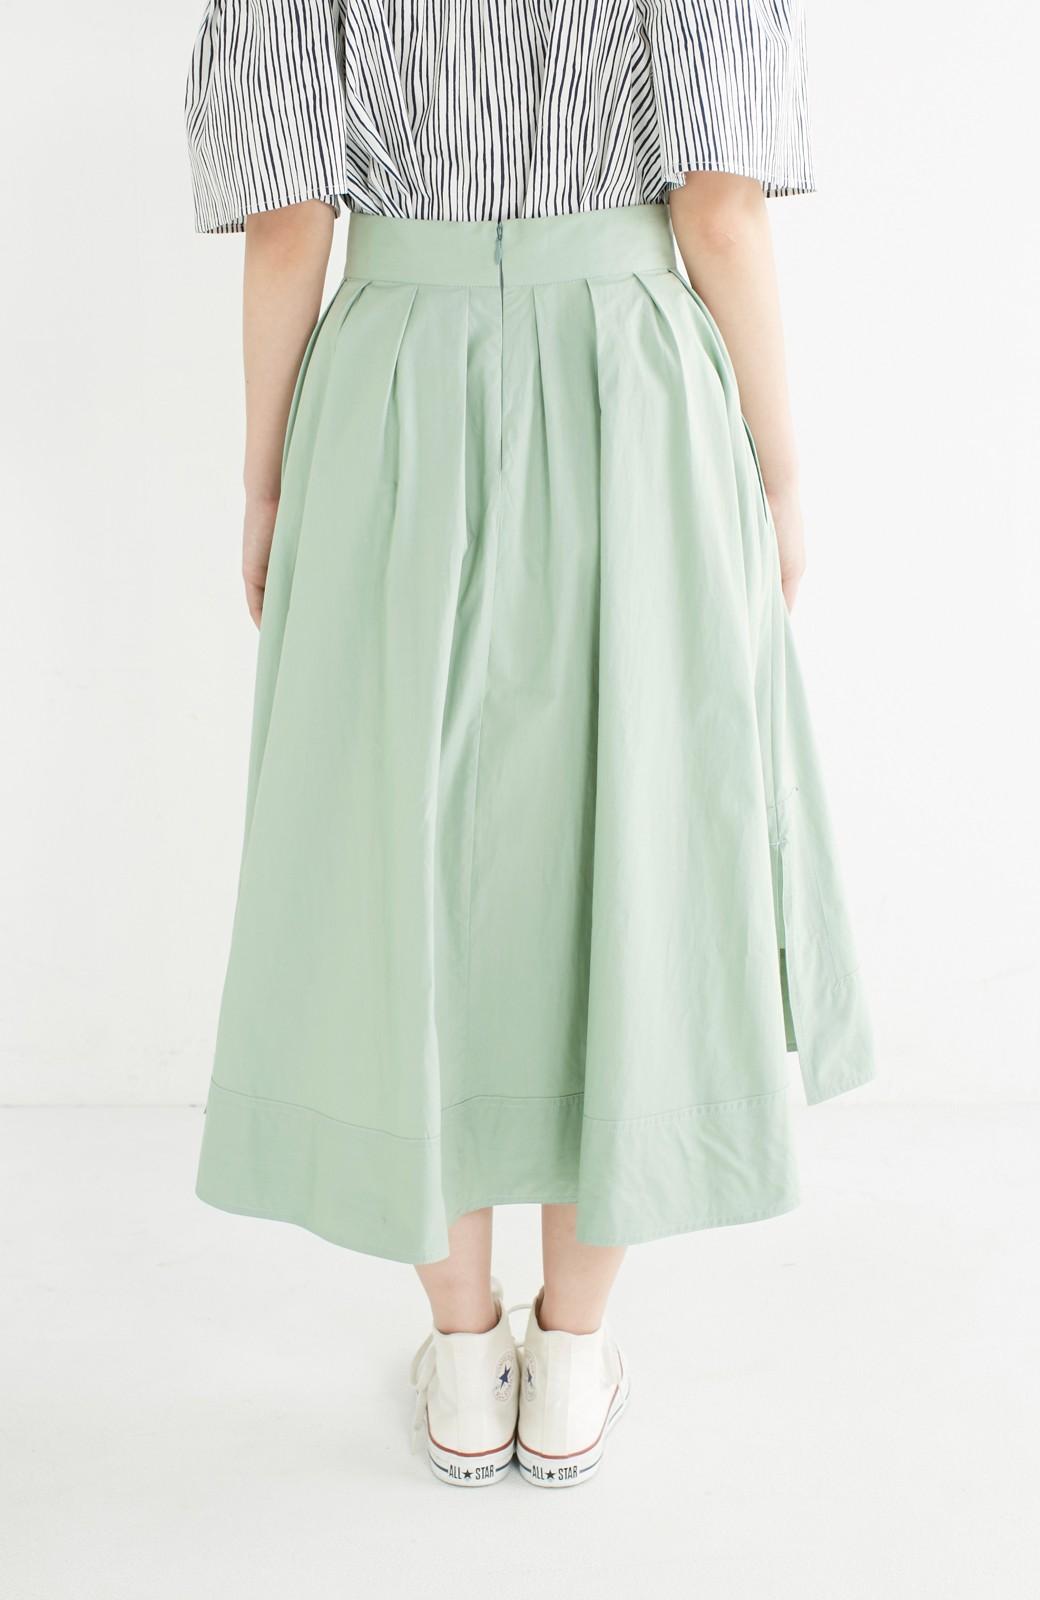 エムトロワ きれい色のイレギュラーヘムスカート <グリーン>の商品写真6